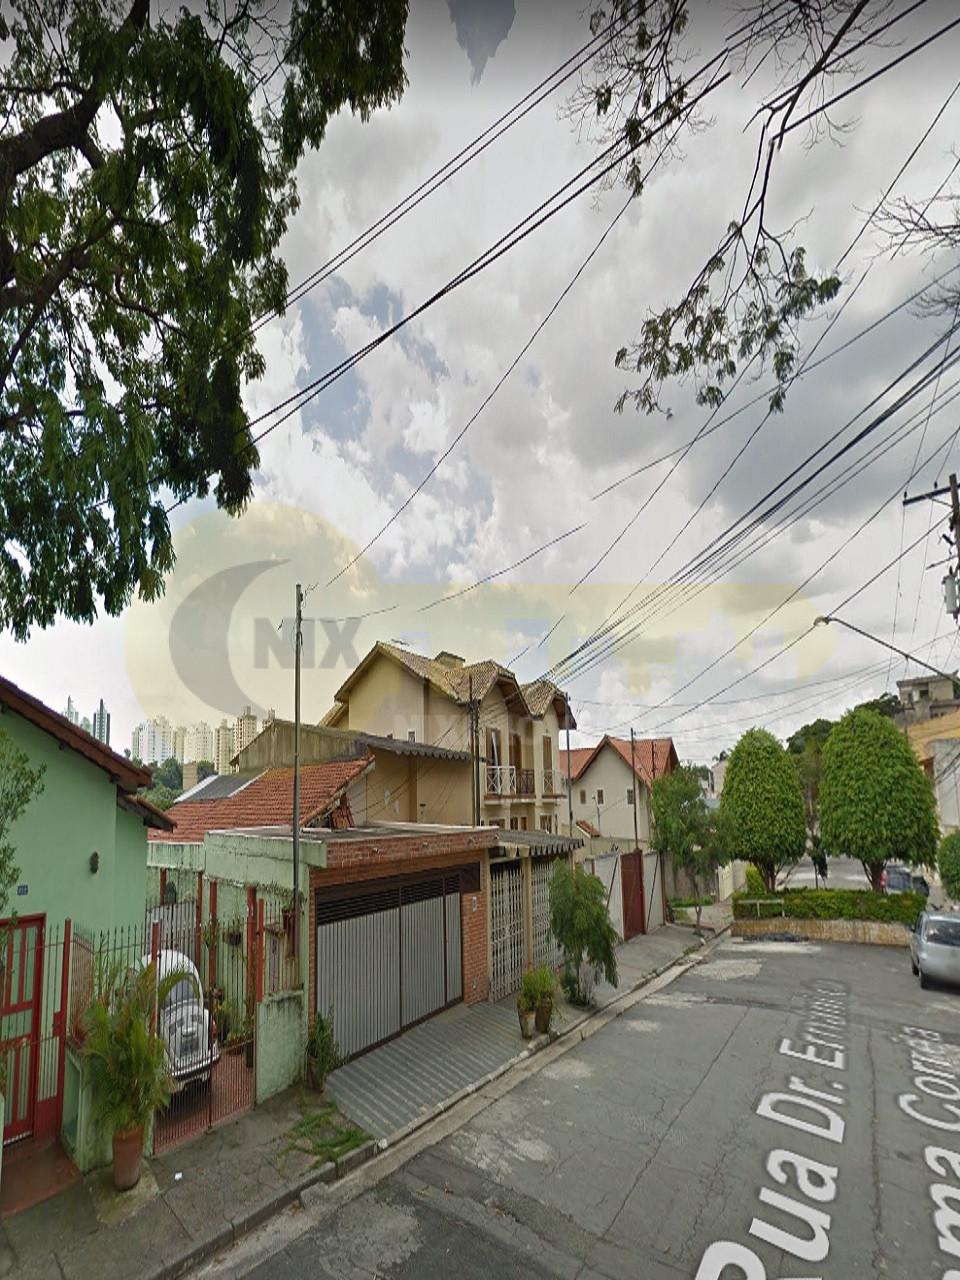 Aluguel Kitnet Butanta Vila Gomes Dois Ambientes Perto da USP Metrô 2 cômodos independentes. Tanque, maquina de lavar e quintal. Melhor localização Butantan